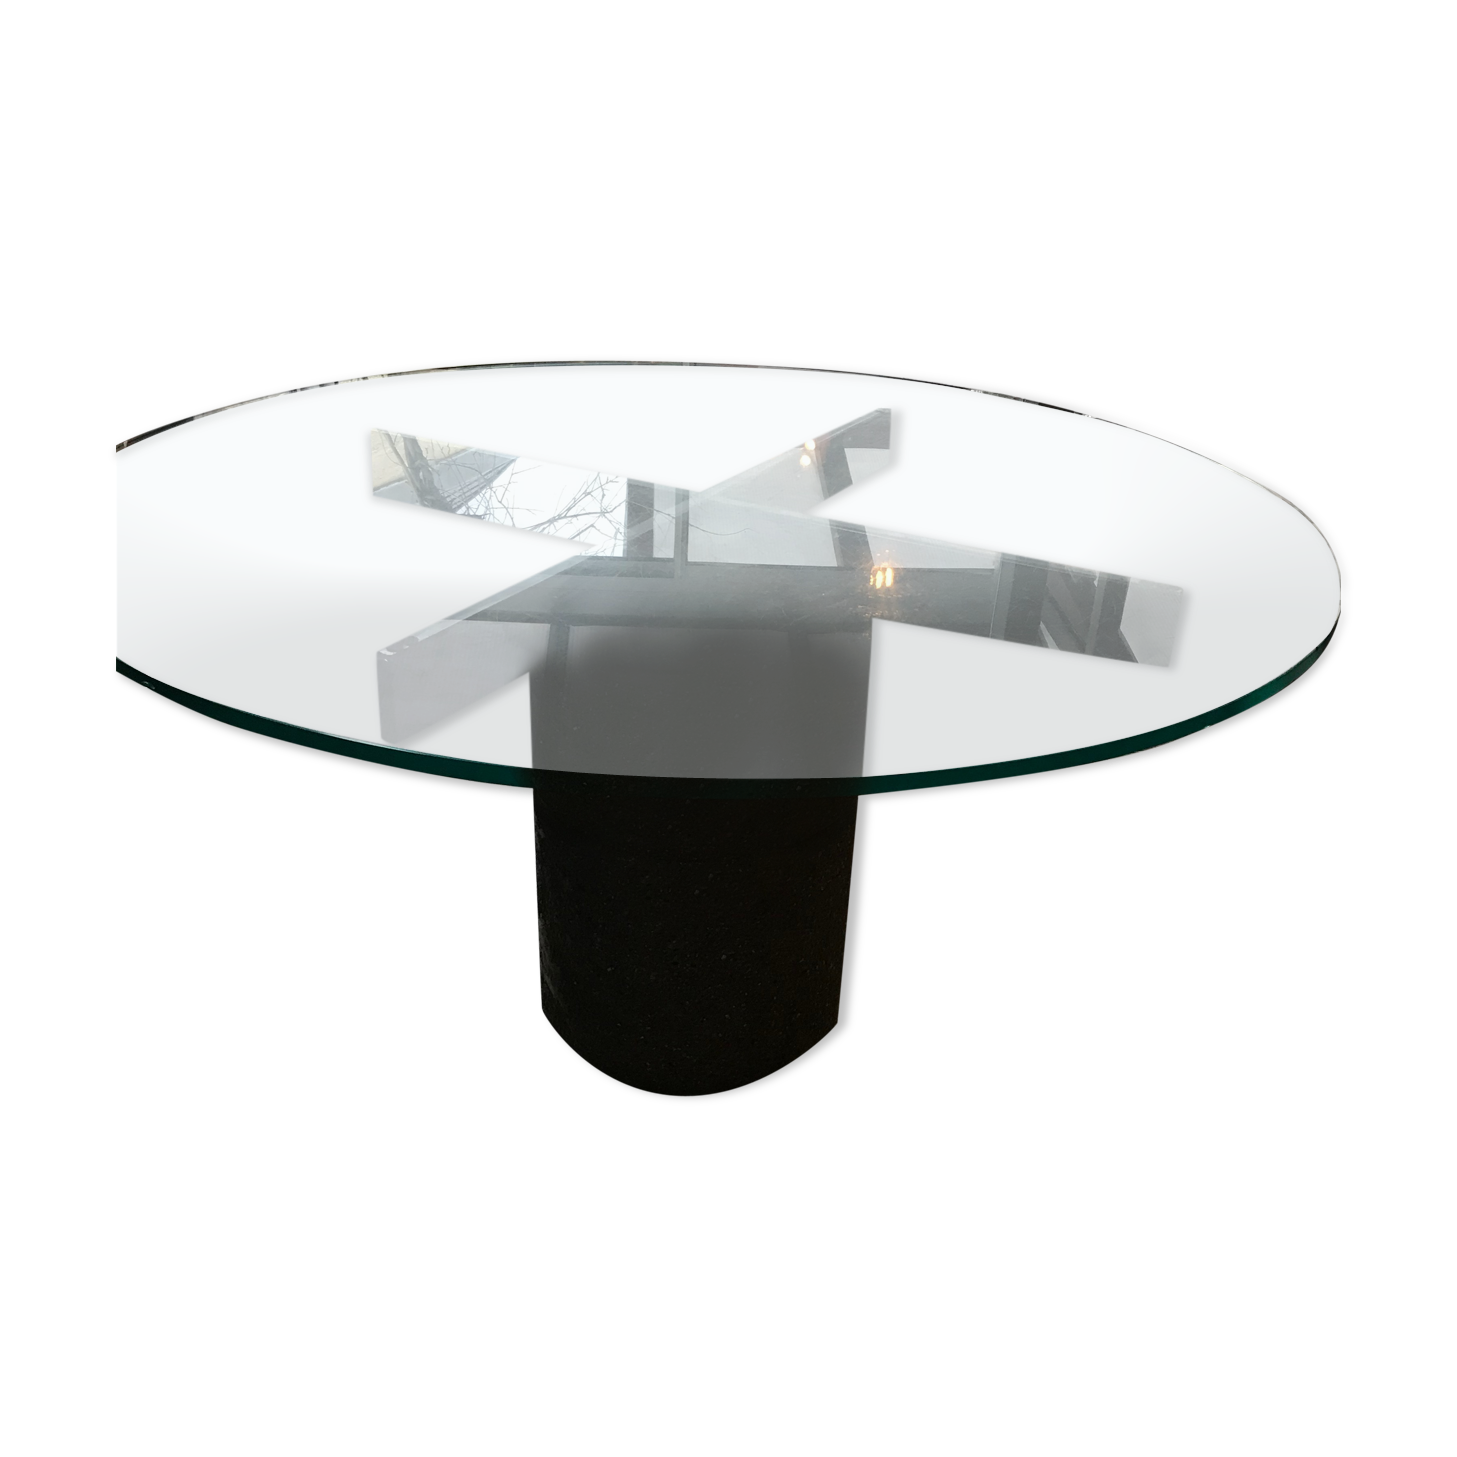 Table salle à manger Paracarro